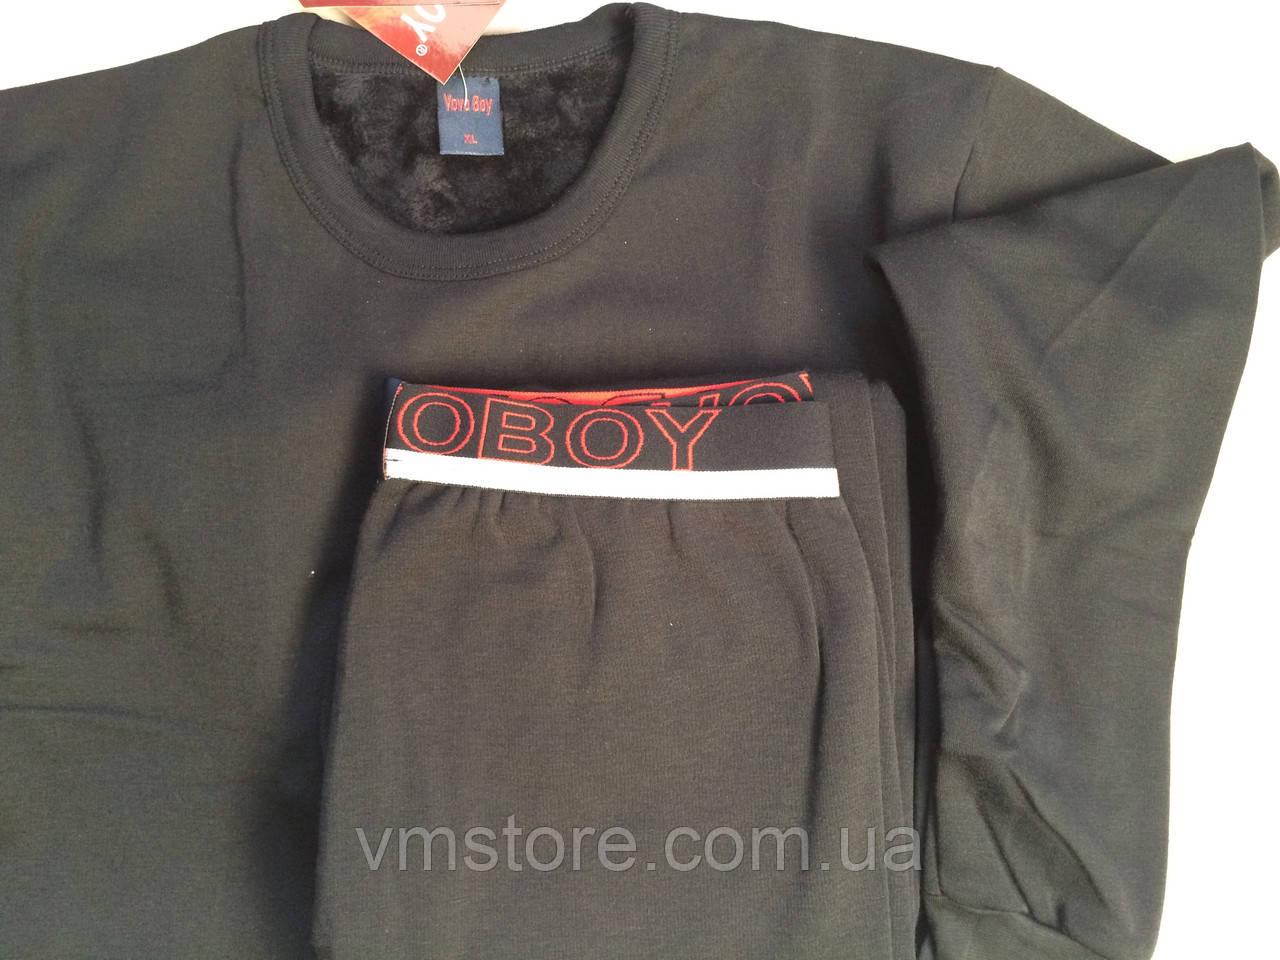 Комплект белья с начесом, мужского Vovoboy, большие размеры 0021